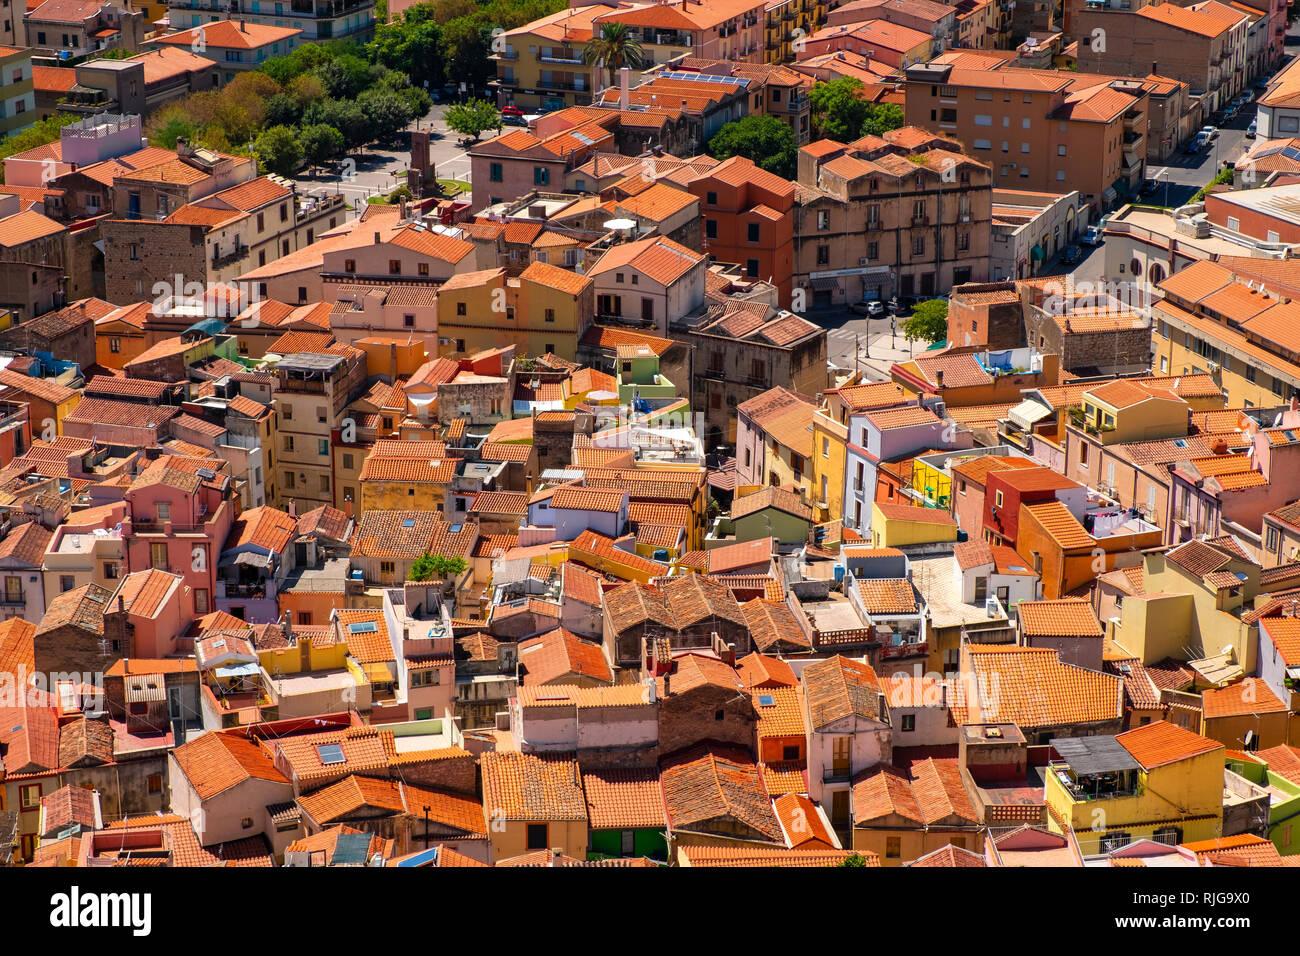 Bosa, Cerdeña / Italia - 2018/08/13: Vista panorámica de la ciudad de Bosa y colinas circundantes visto desde la colina del castillo Malaspina, conocido también como Castillo o Foto de stock